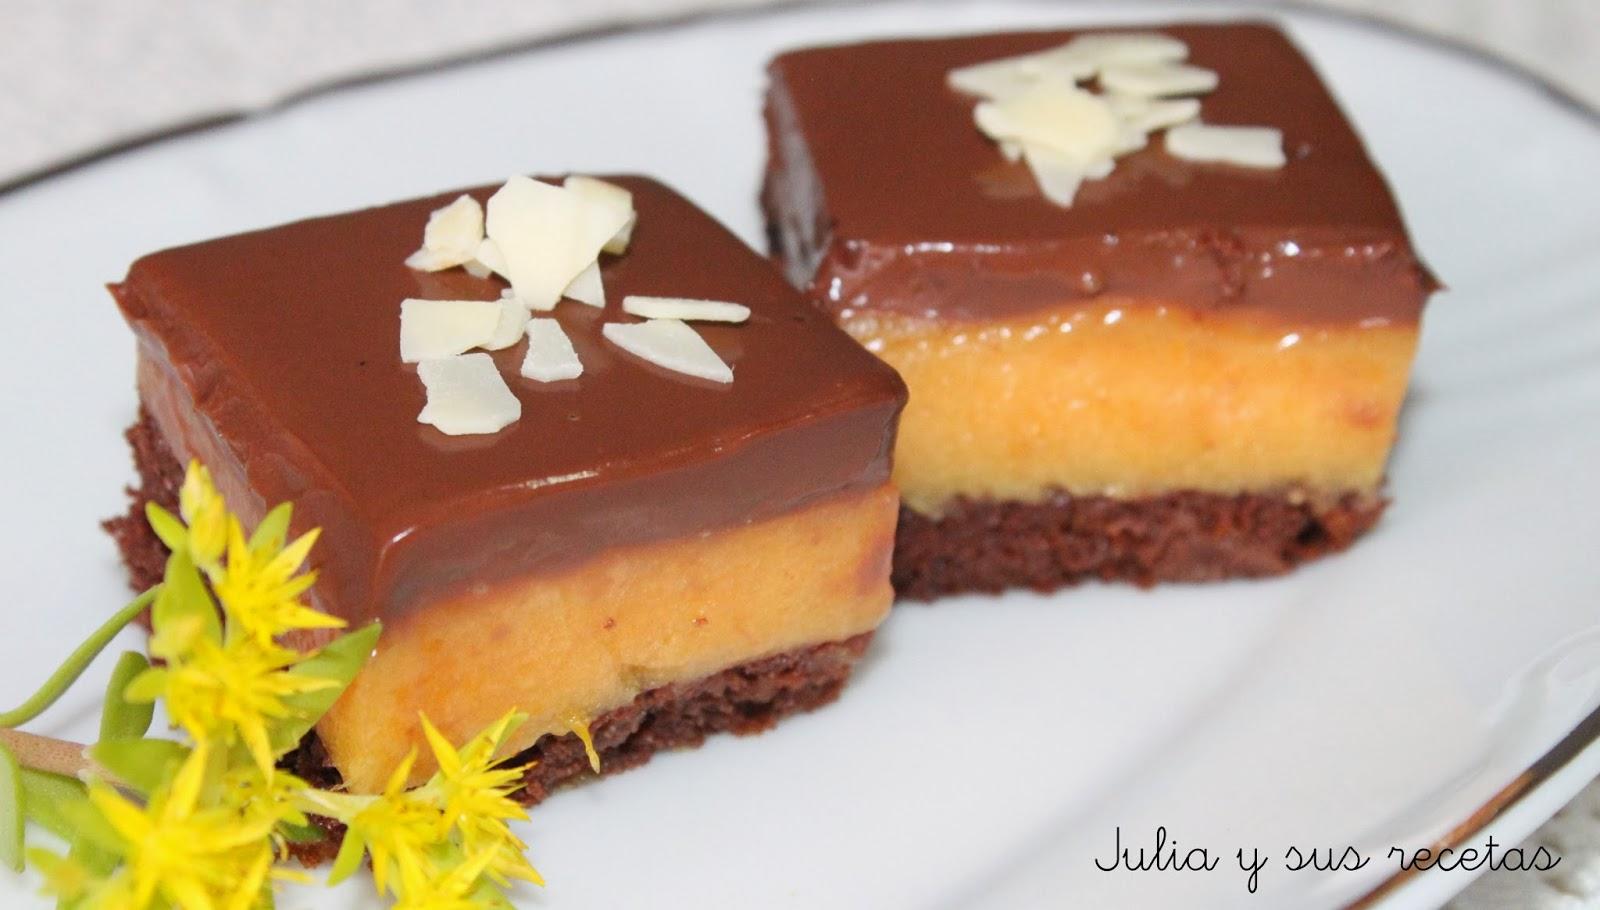 Julia y sus recetas cuadraditos de naranja y chocolate - Primeros platos faciles y originales ...